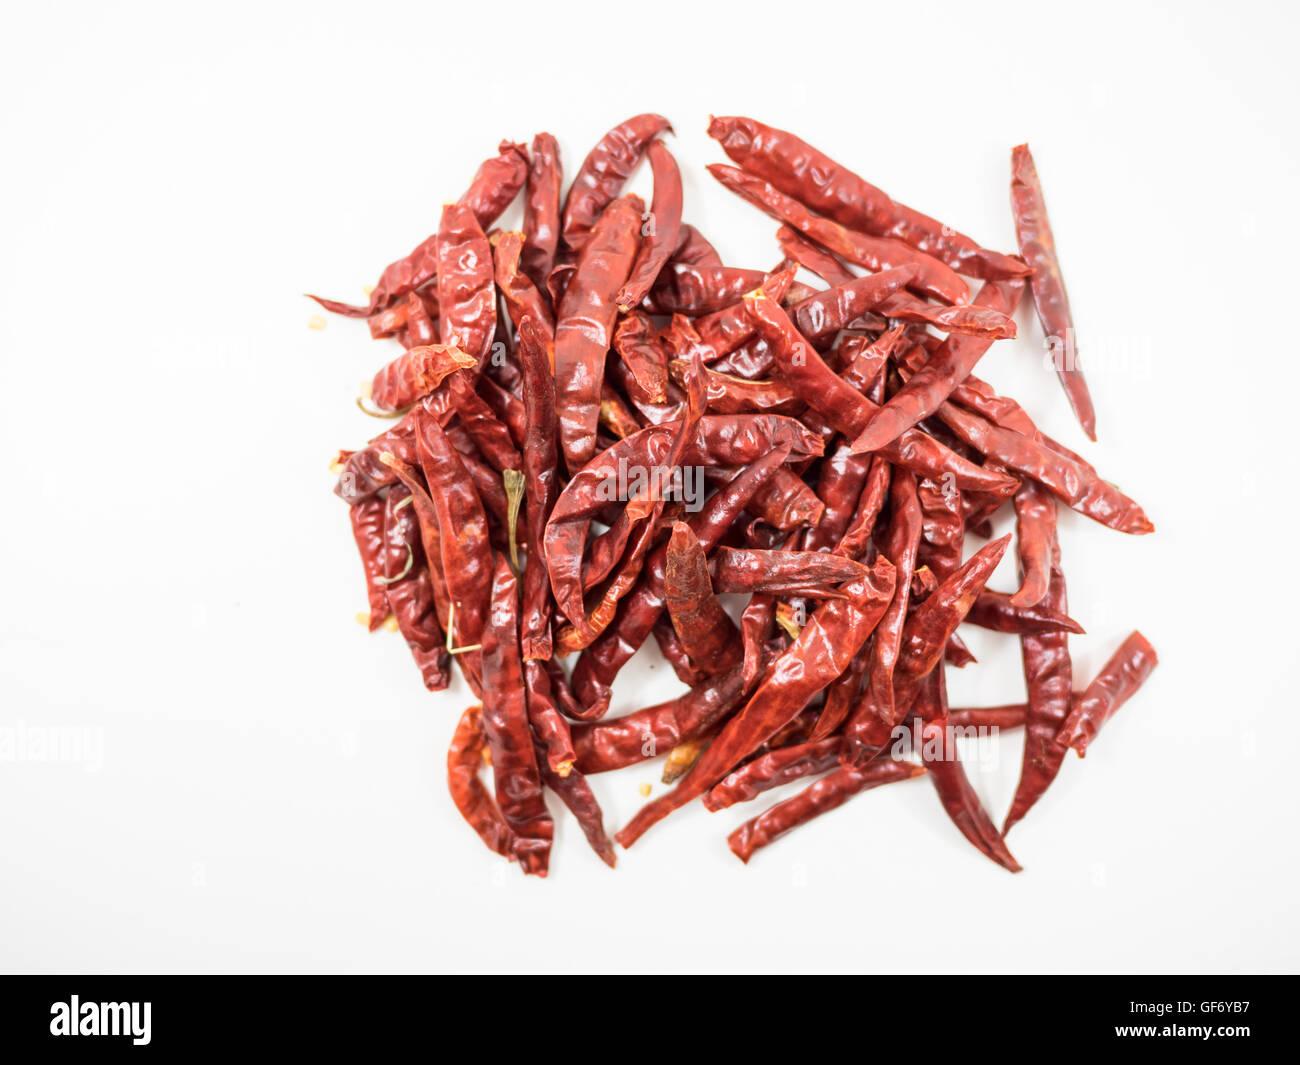 trockene Chili essen Kraut Heilpflanzen würzen Zutat Aroma würzen Guinea-Pfeffer Stockbild